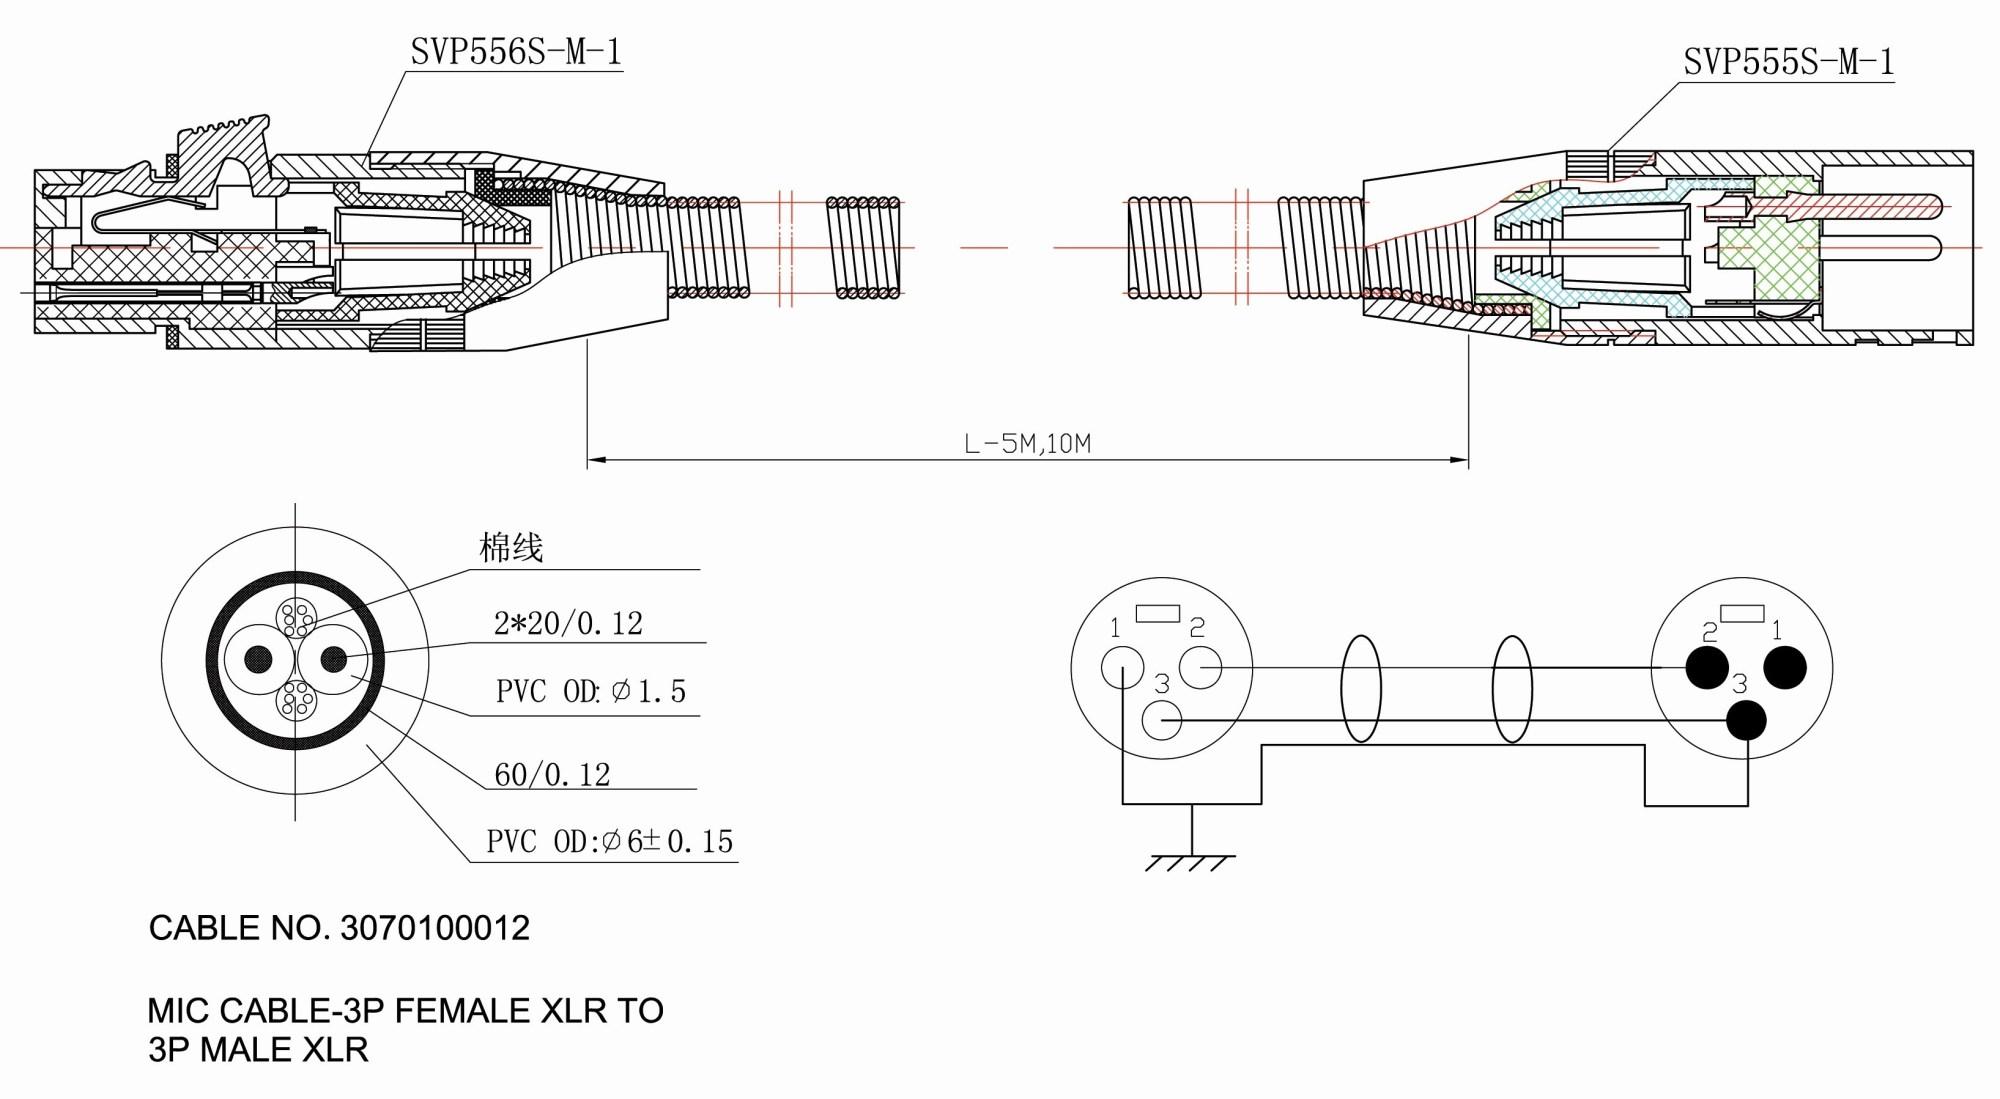 hight resolution of schecter diamond series wiring diagram wiring schematics diagram hagstrom wiring diagrams schecter diamond series wiring diagram